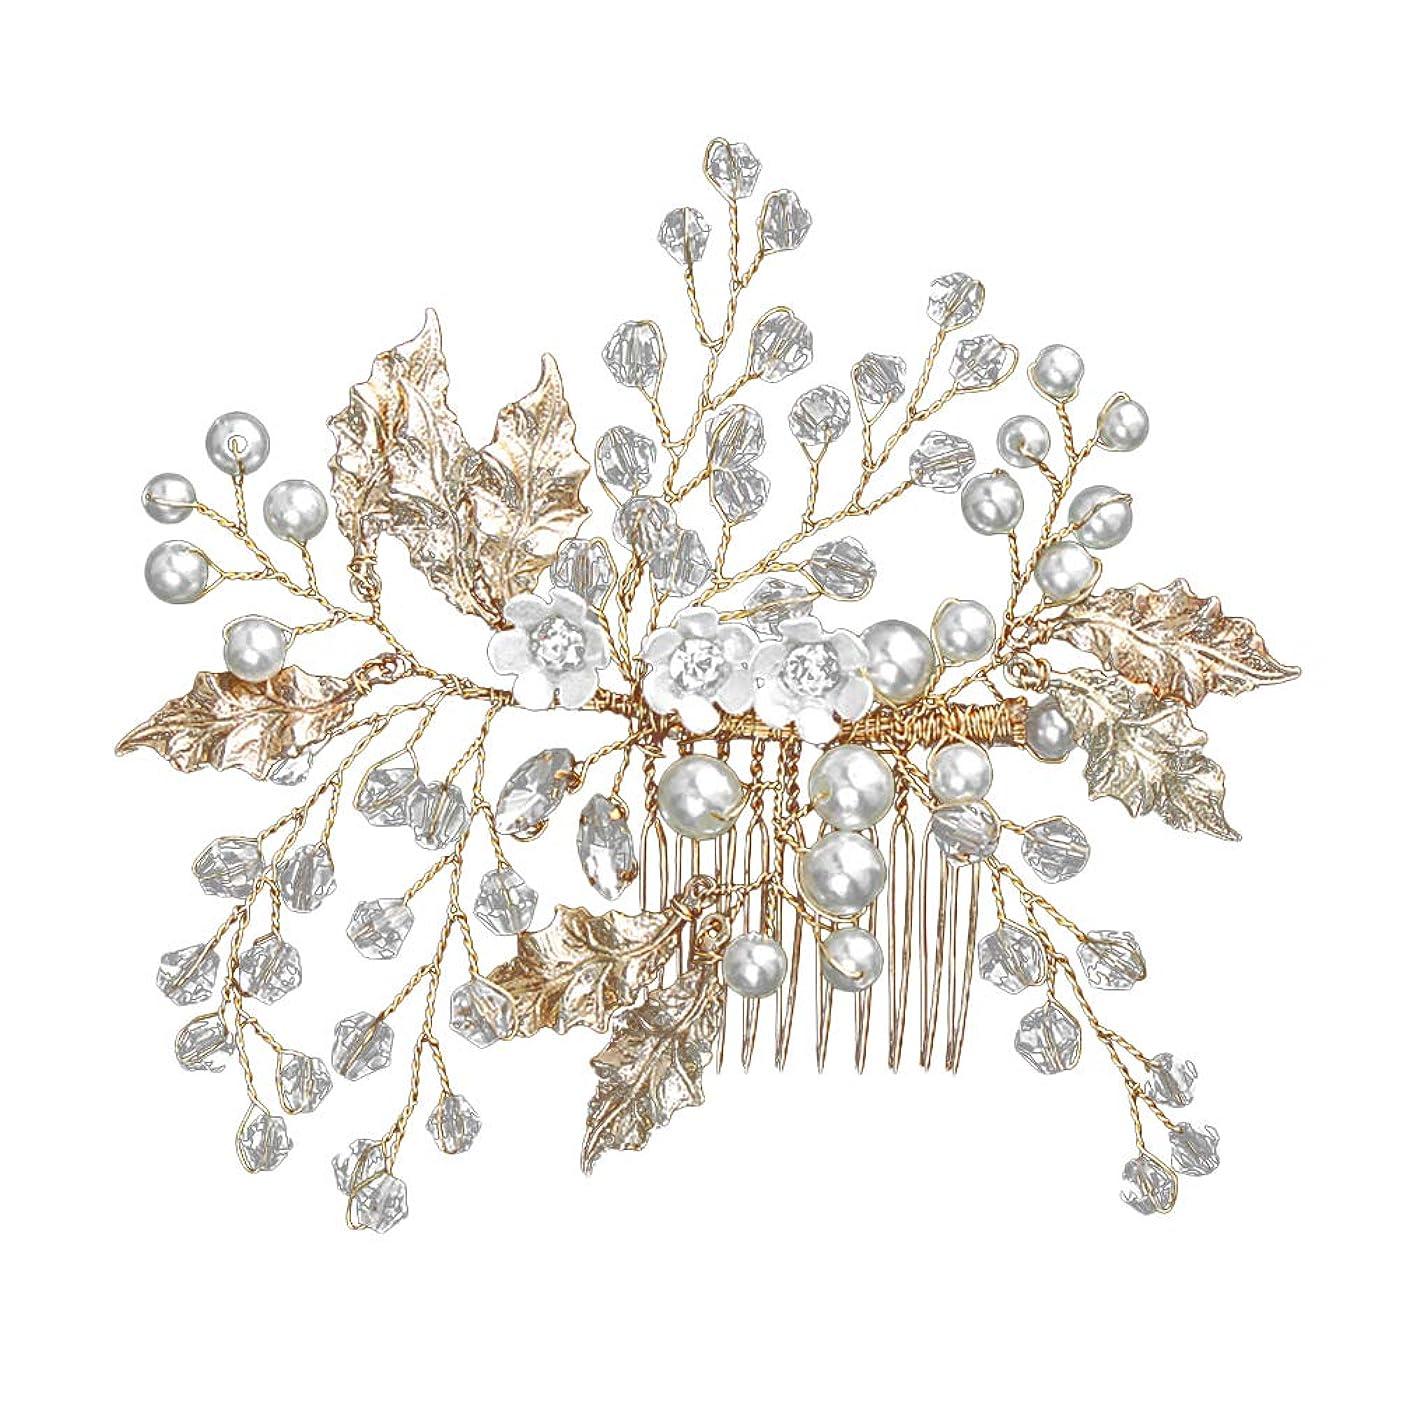 魅力毎回装置LURROSE 新鮮なスタイルの髪の櫛手作りの花の結晶ヘッドドレス葉合金花嫁のヘアアクセサリー花嫁介添人の髪飾り宴会結婚式